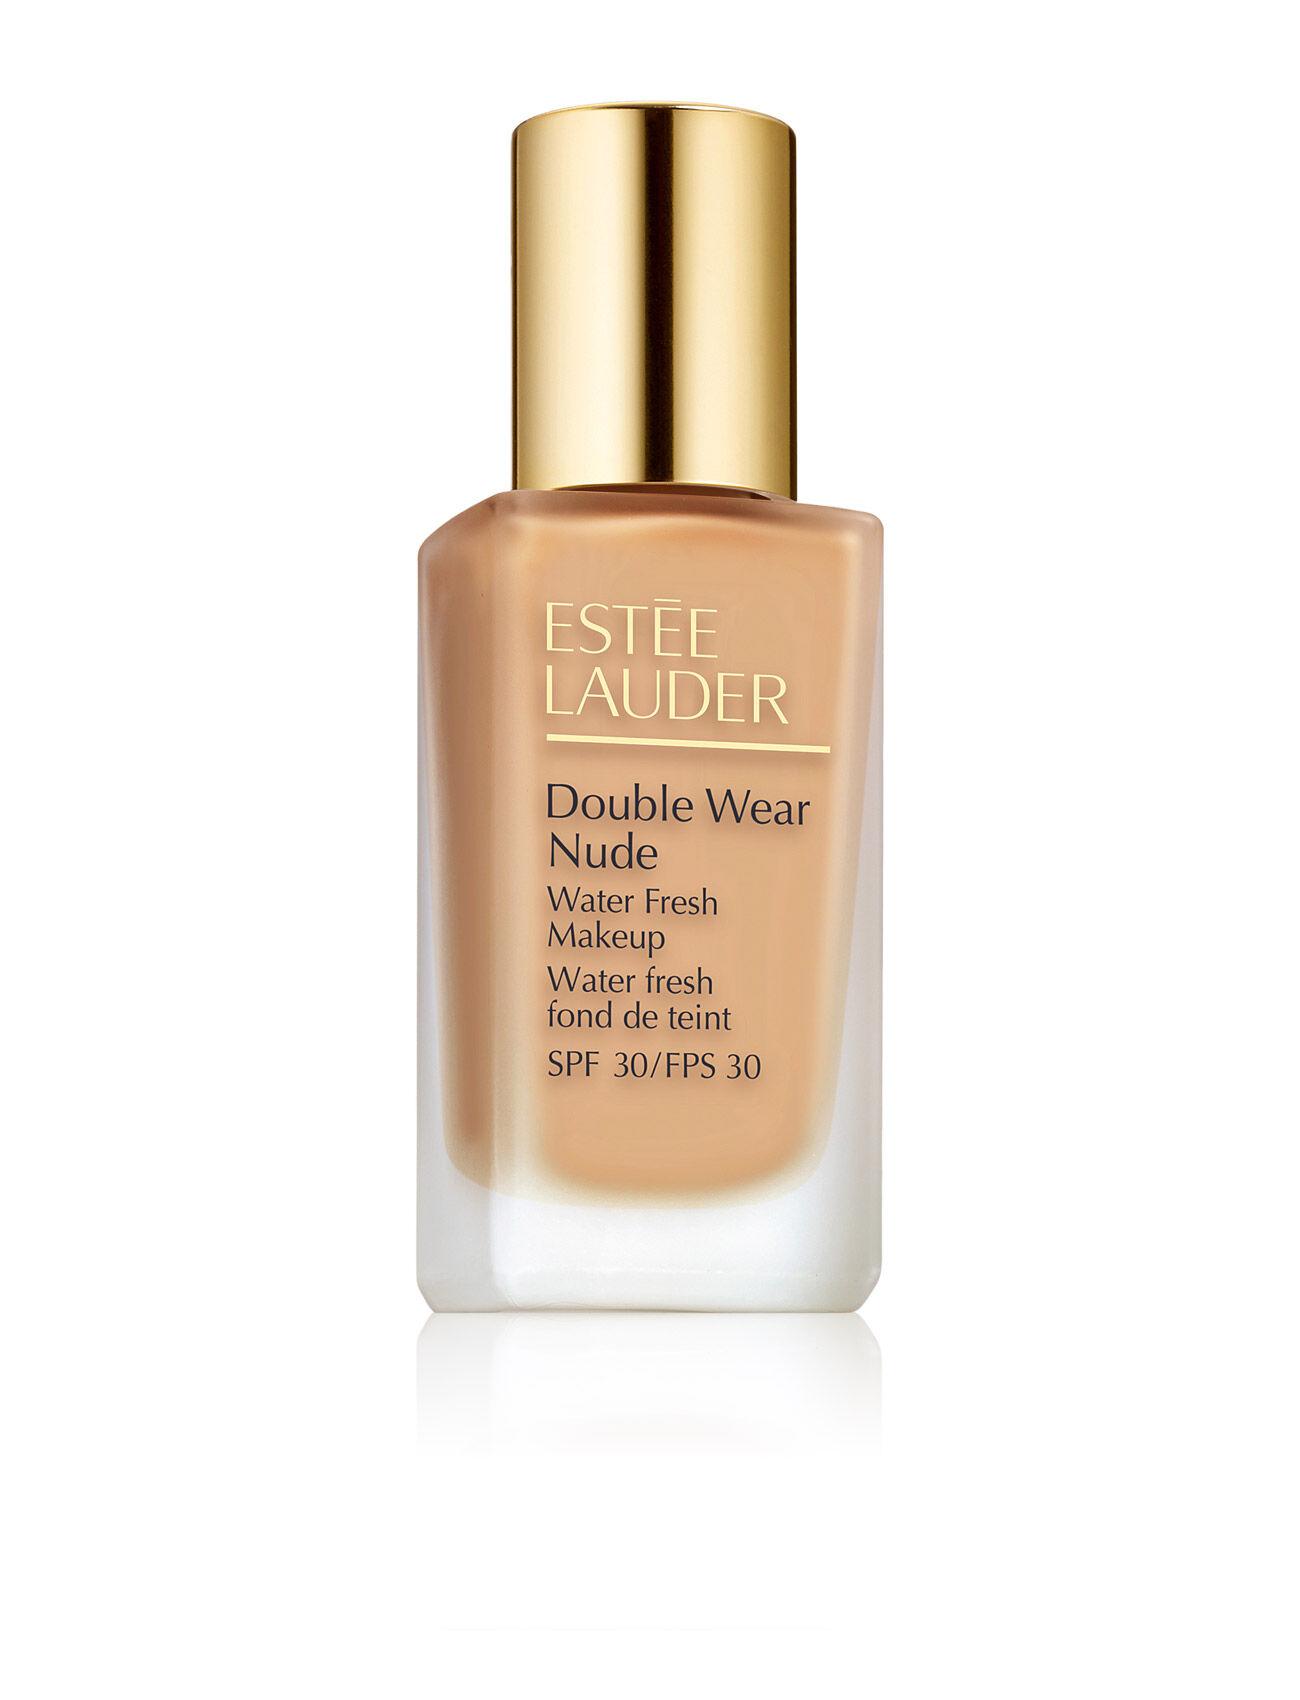 Estée Lauder Double Wear Nude Water Fresh Makeup - Buff 2n2